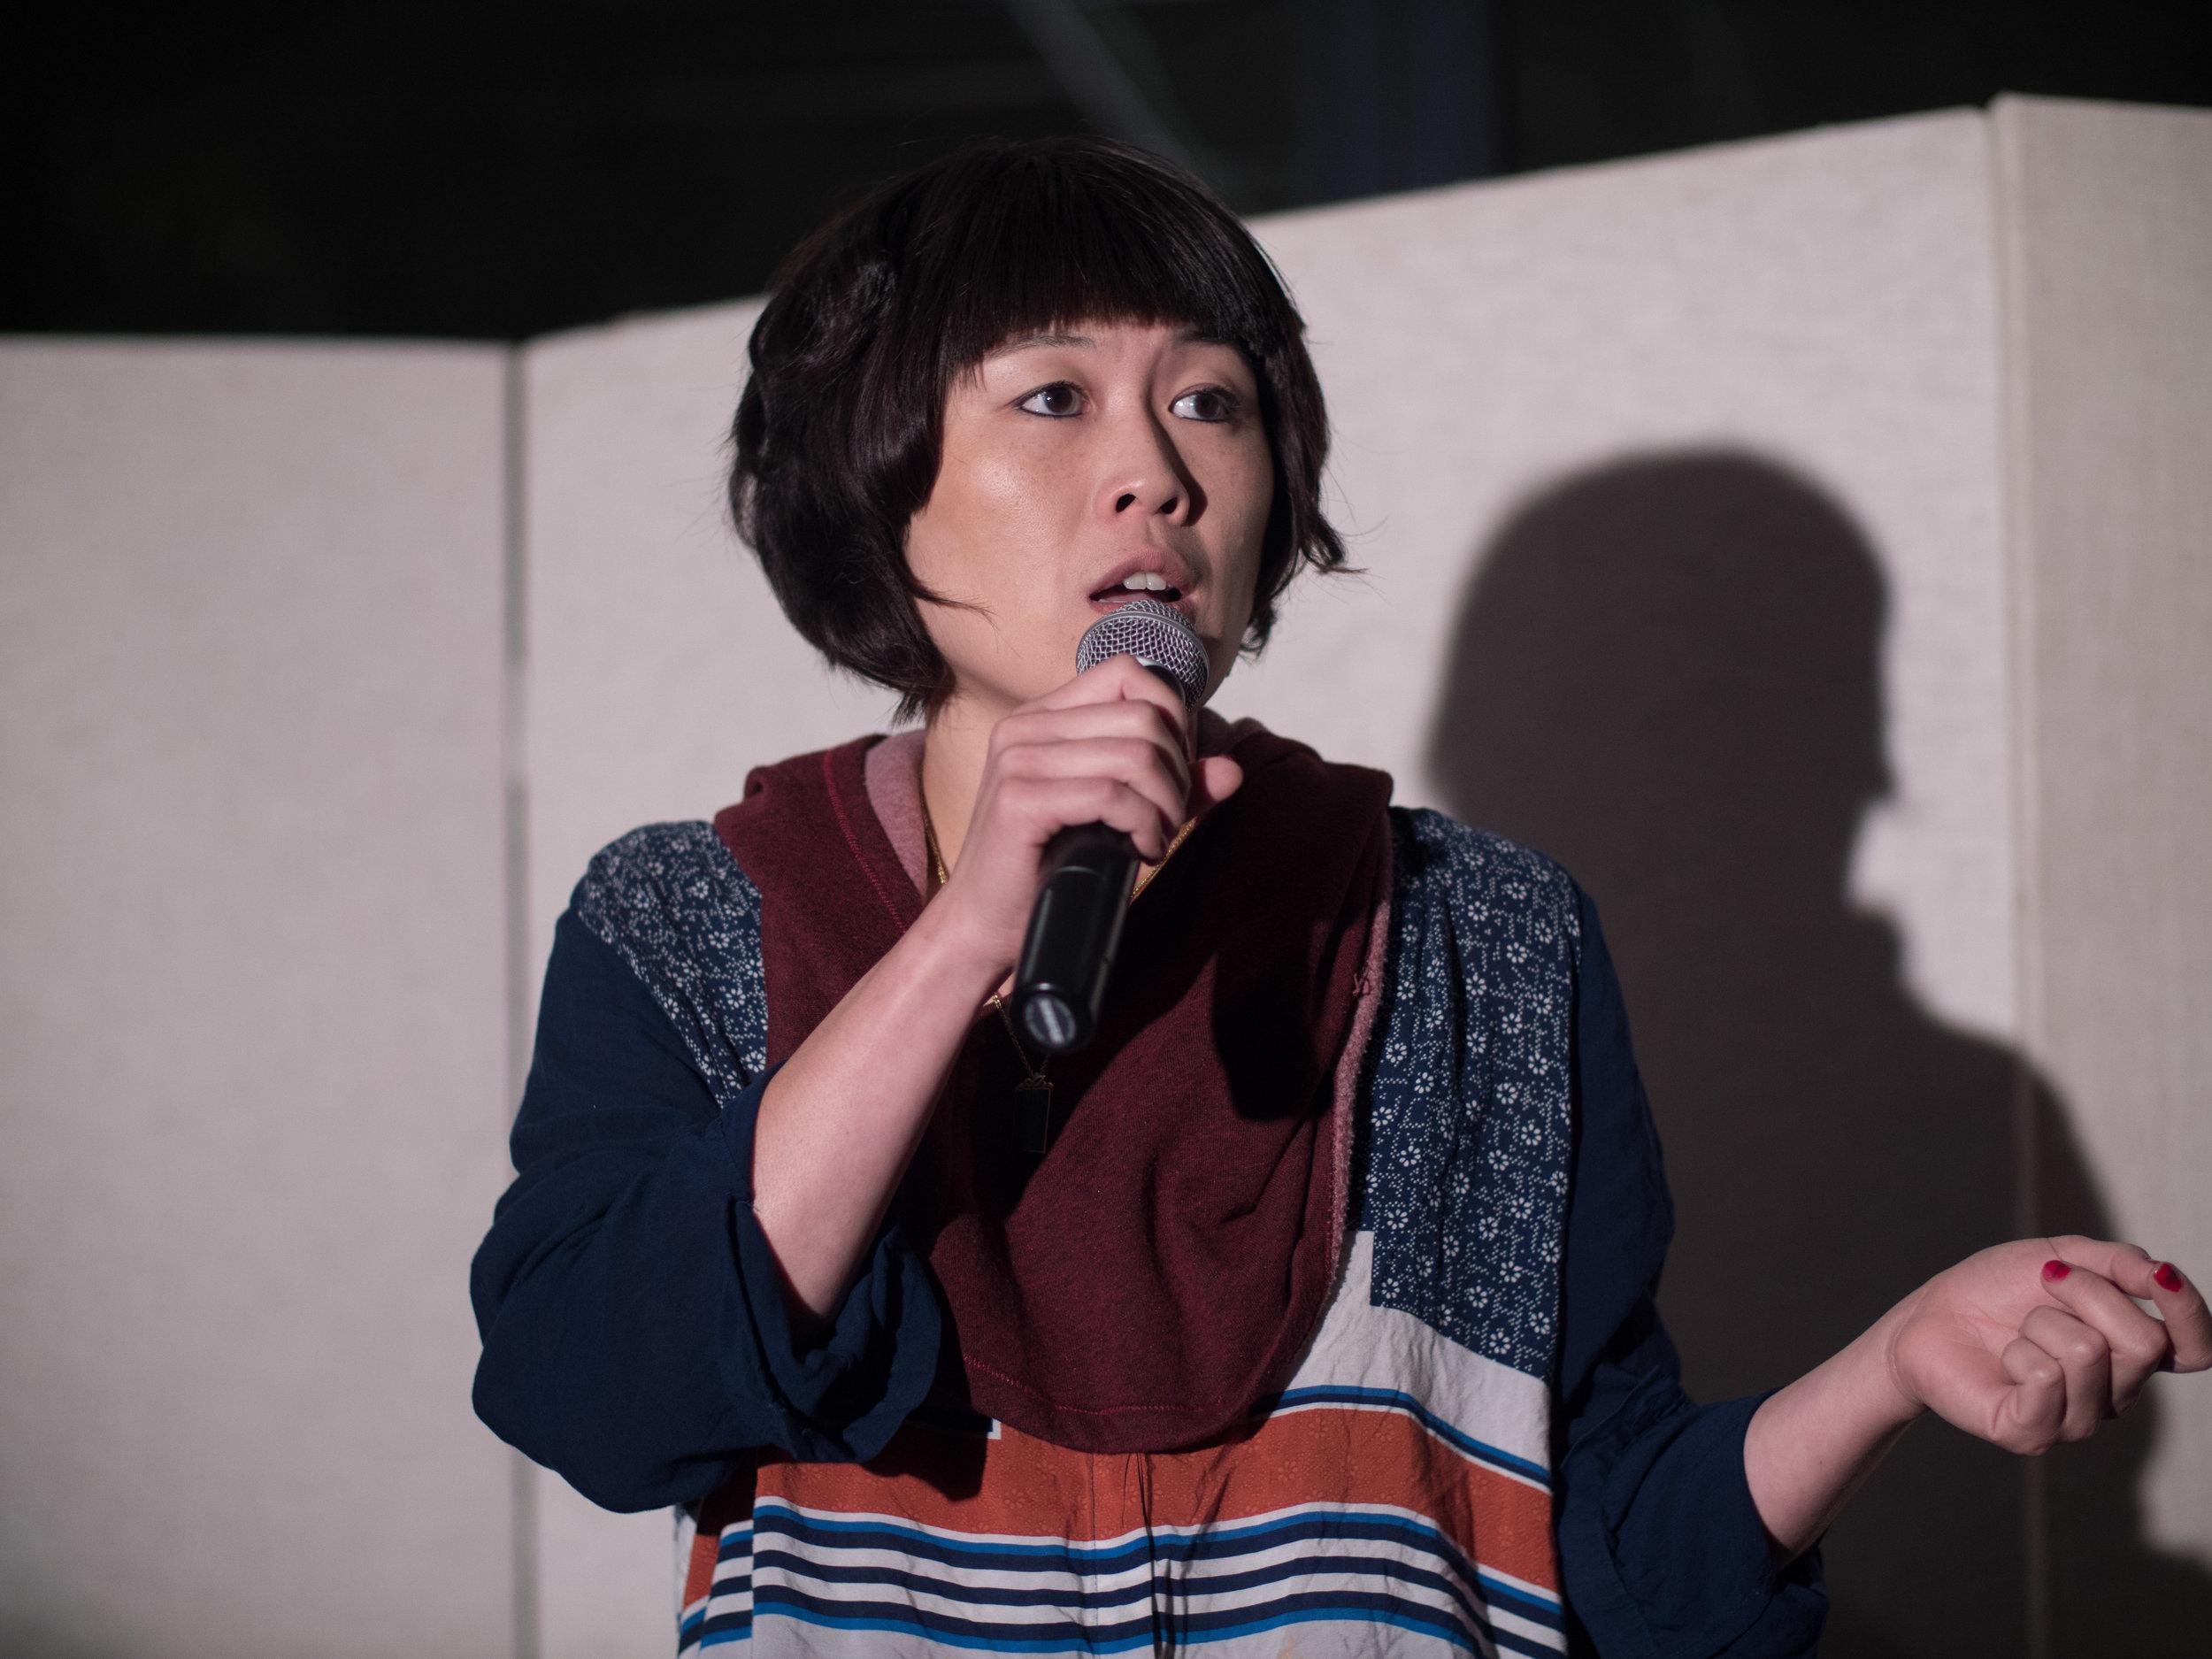 Atsuko Okatsuka